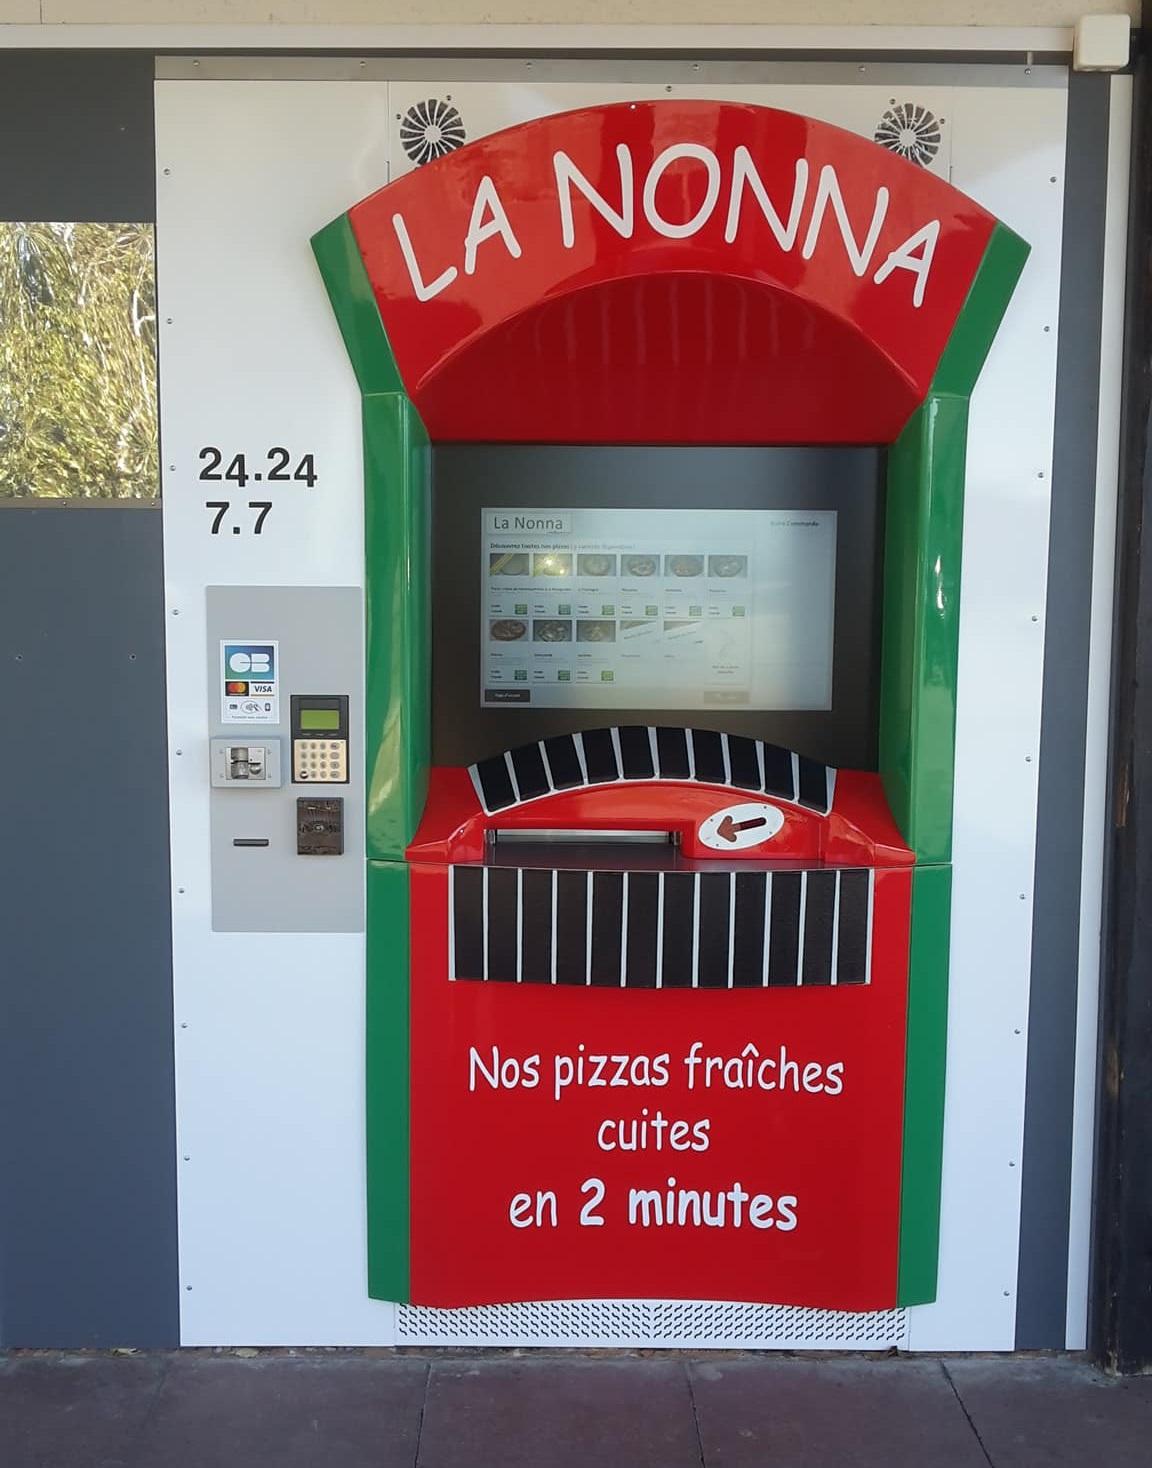 Distributeur La Nonna à Liverdun (54) !